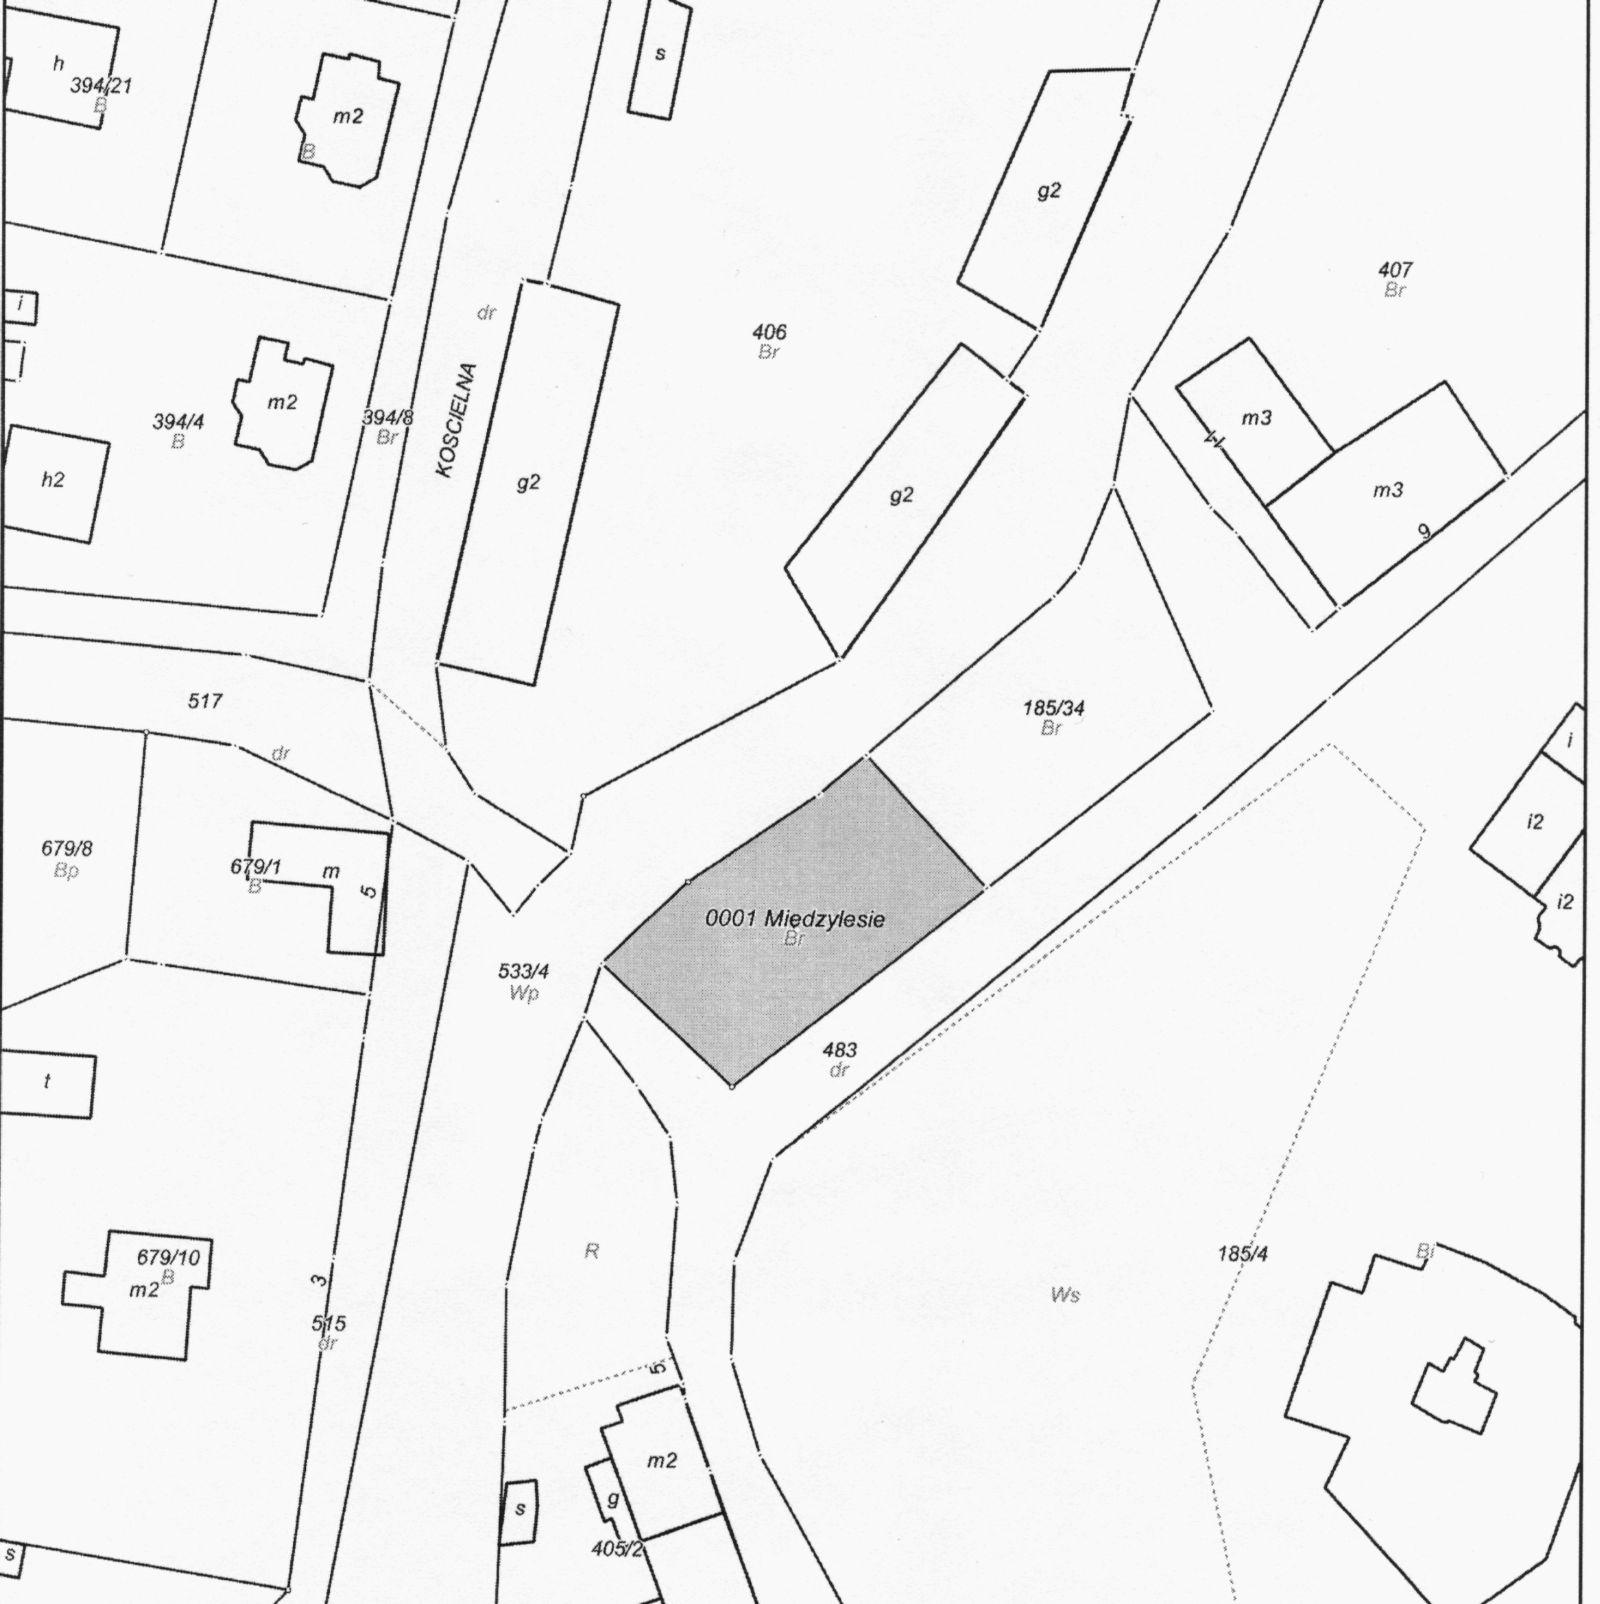 mapa Międzylesie dz. 185_33.jpeg